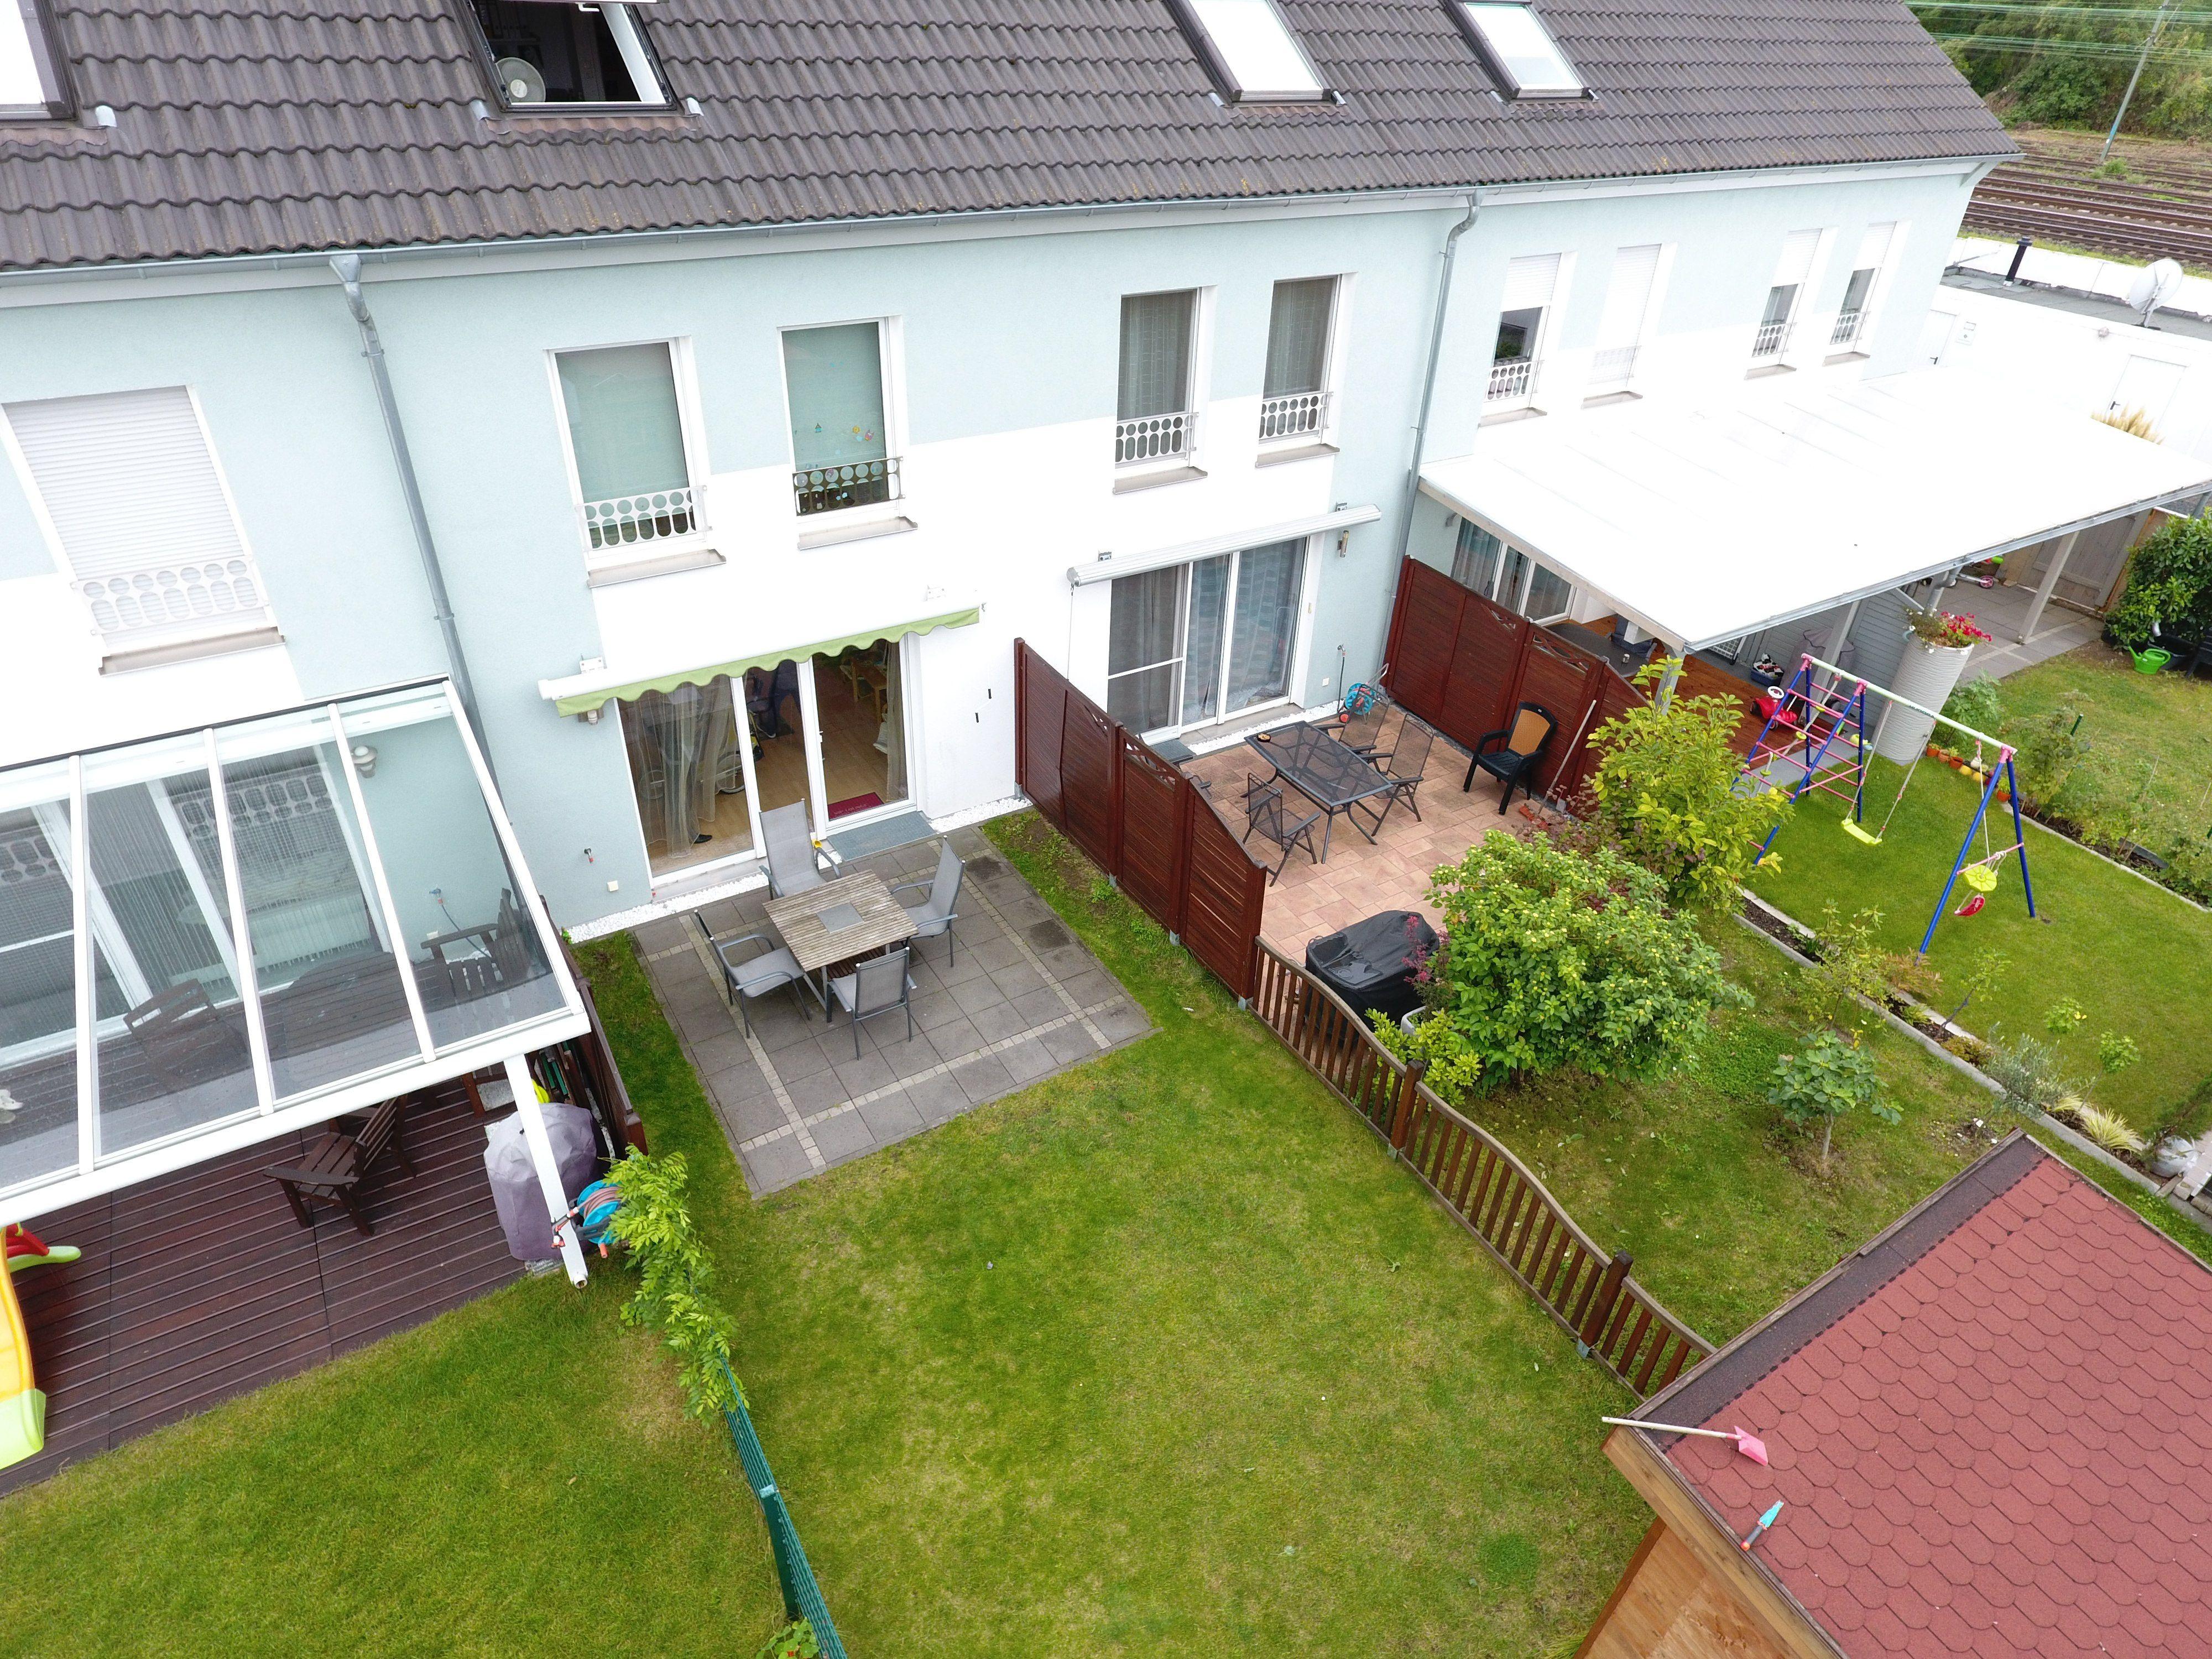 Garten Zu Kaufen Gesucht Alles Im Detail Von Reihenmittelhaus Mit 5 Zimmern Und Garten Zum Kauf In Mainz Kastel Innerhalb Garten Outdoor Decor Home Decor Decor